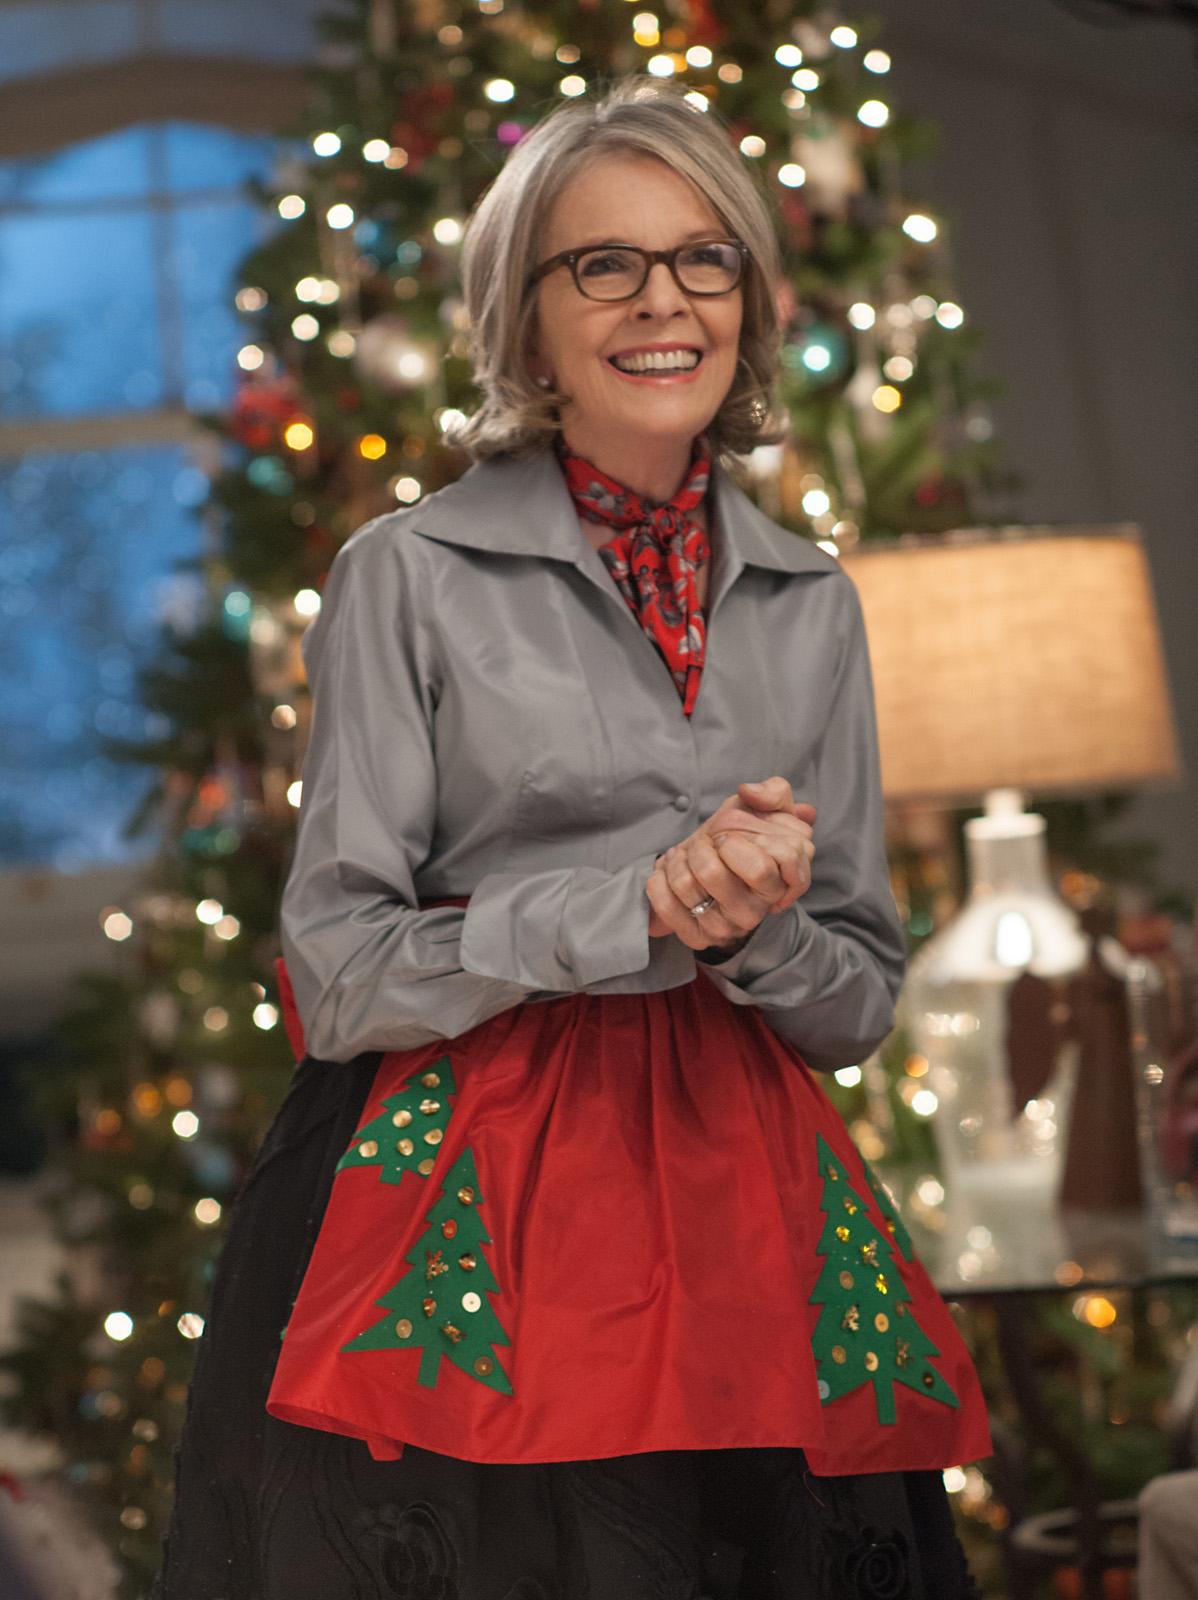 bild zu diane keaton alle jahre wieder weihnachten mit. Black Bedroom Furniture Sets. Home Design Ideas